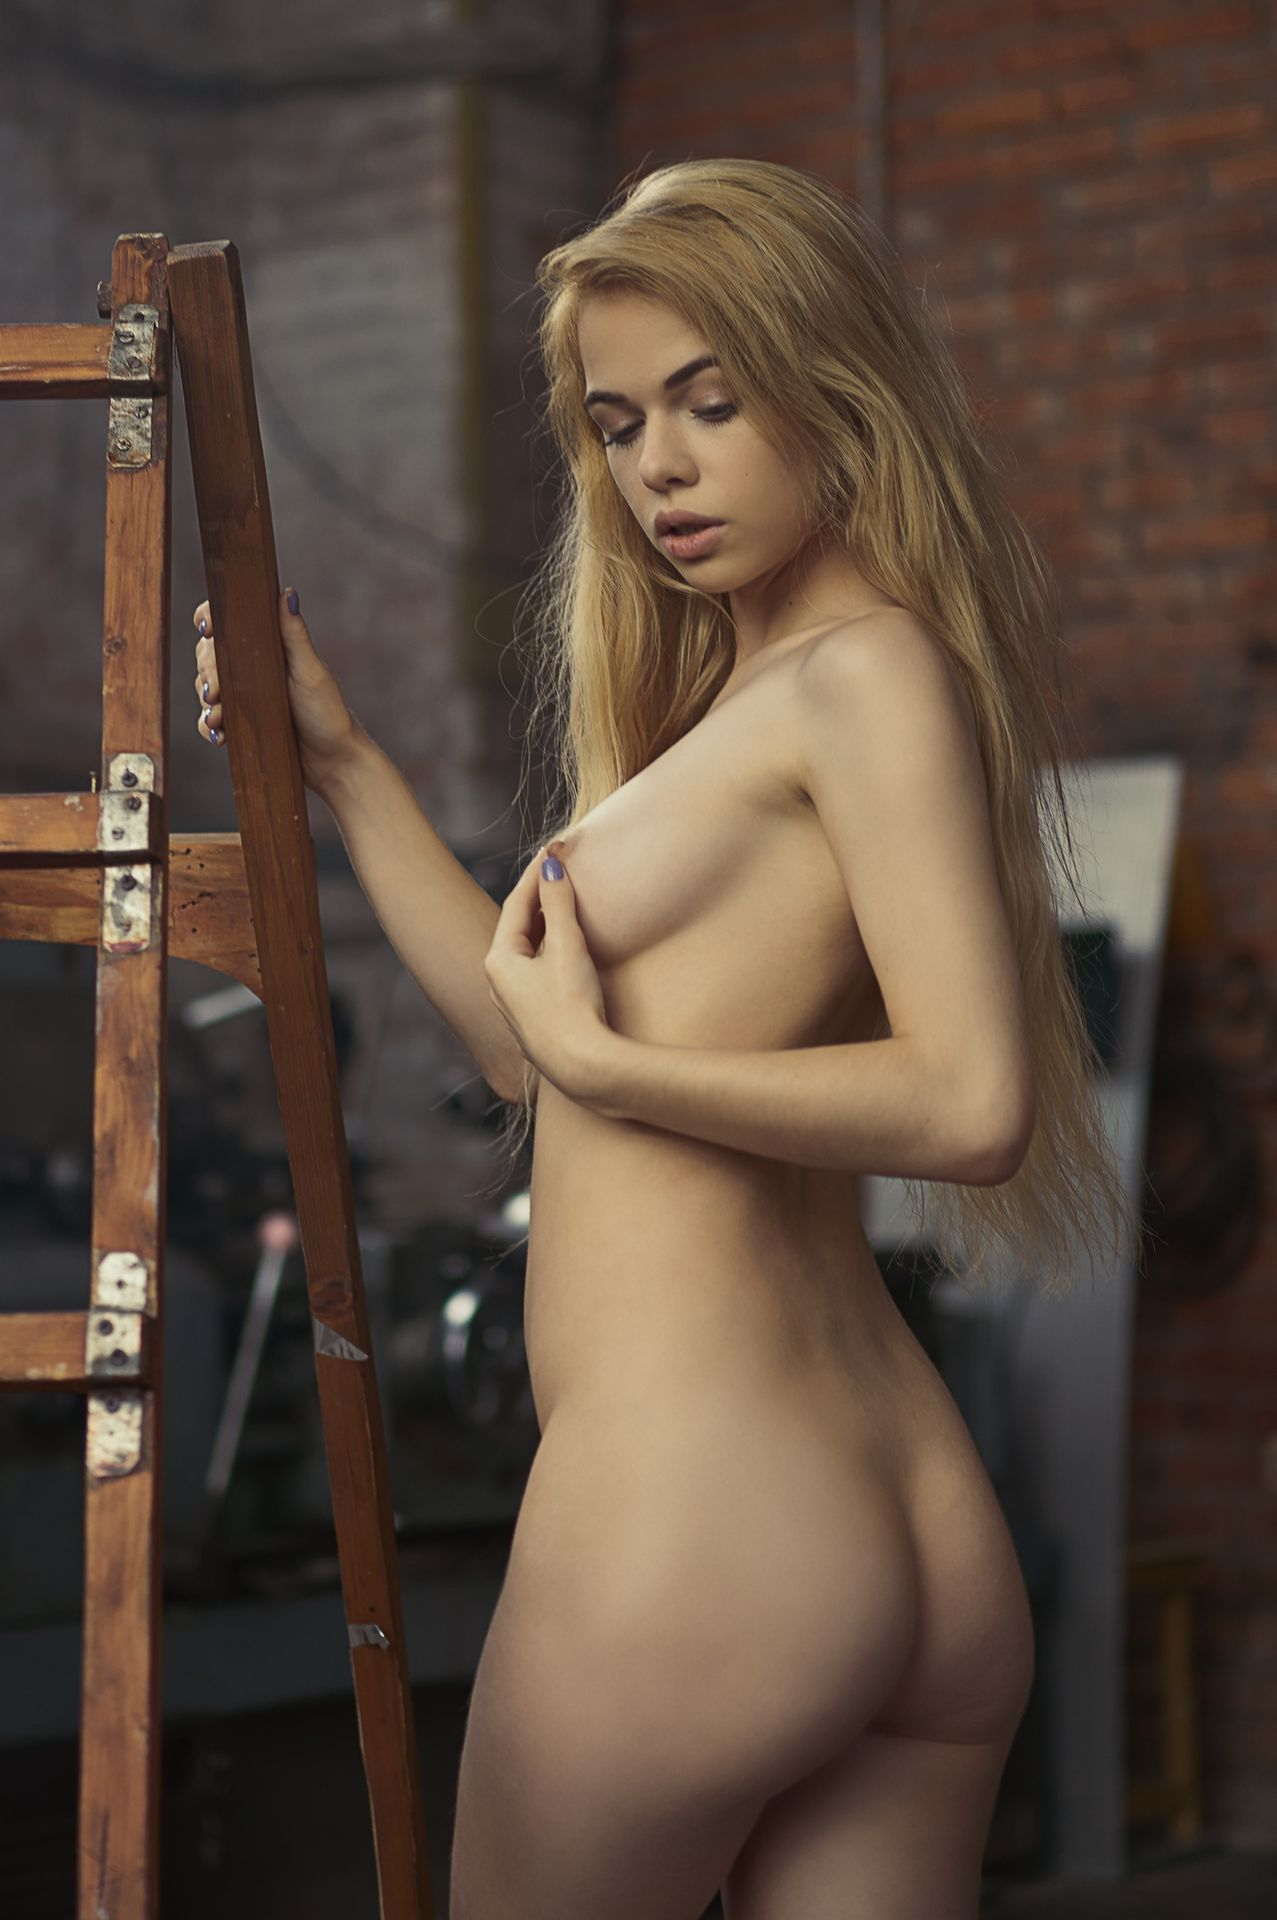 Alyson Michalka Desnuda alexandra smelova nude photoshoot - celebs porno